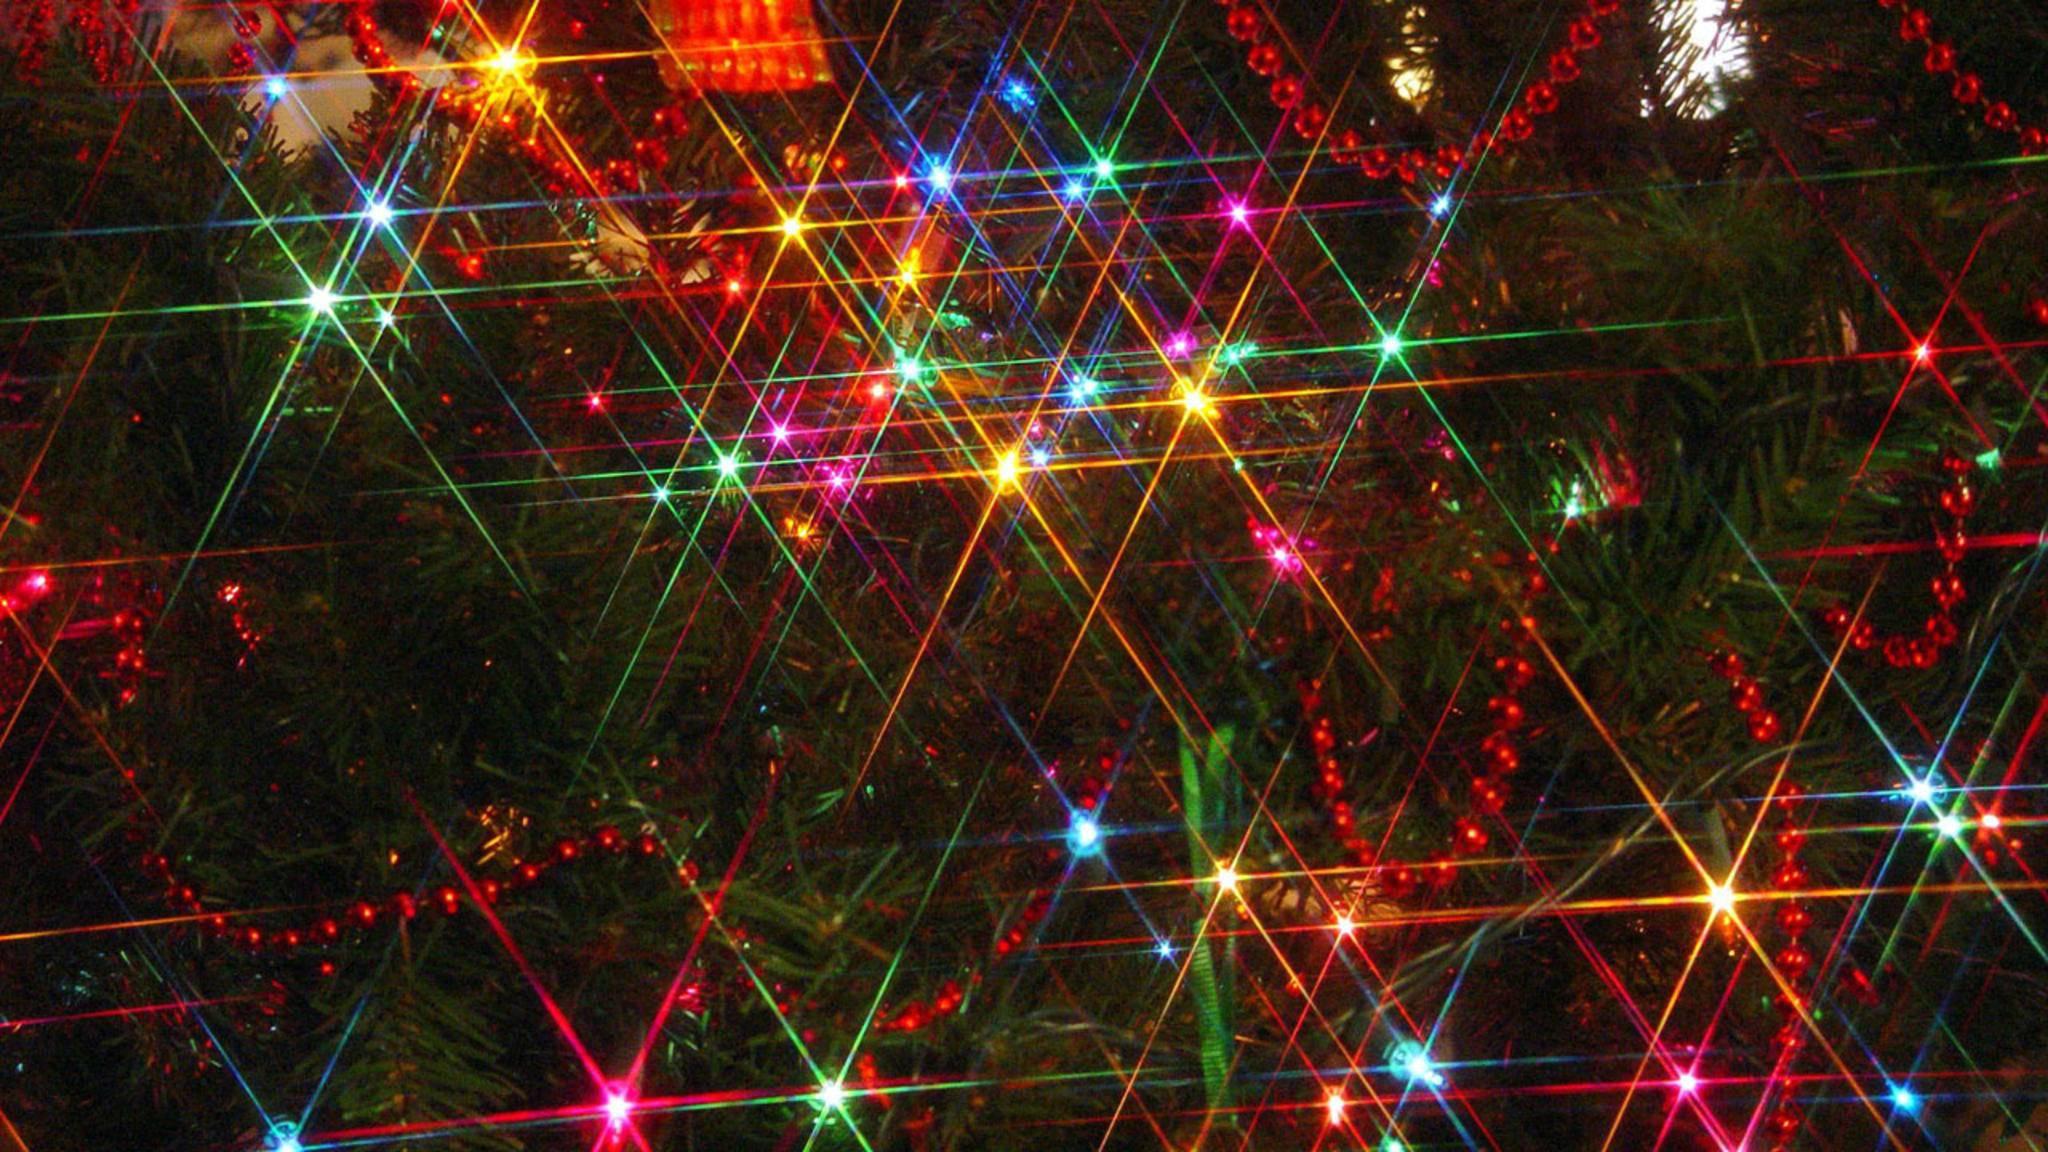 Es blitzt, blinkt und glitzert: Mit einem Sternfilter erstrahlen Weihnachtsfotos in noch festlicherem Licht.